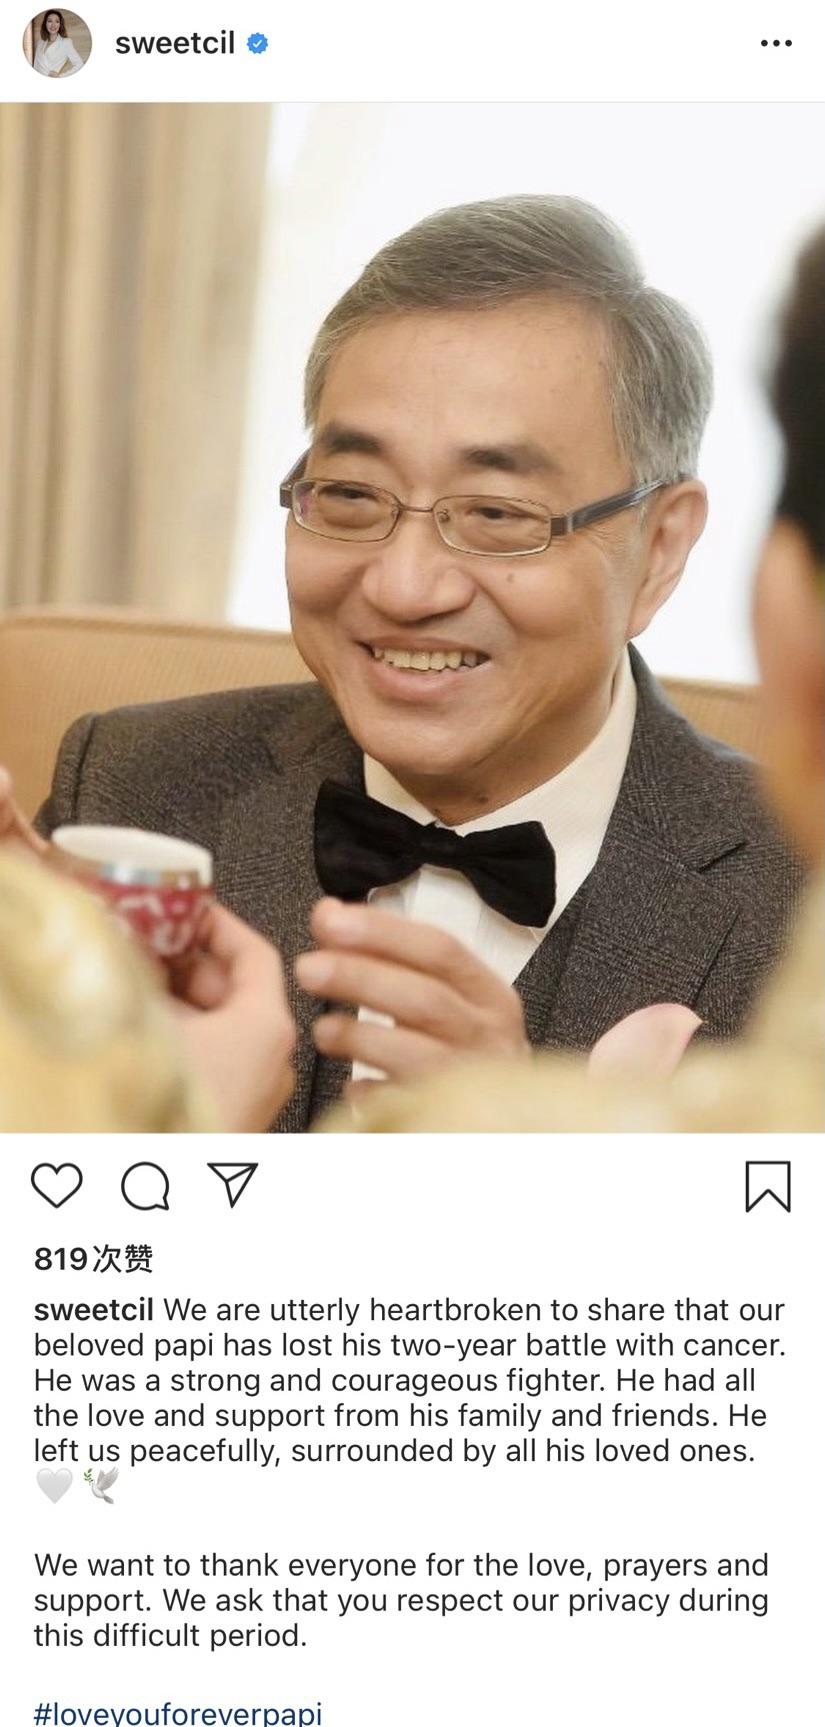 甄子丹岳父抗癌失败,汪诗诗:父亲平静地离开了